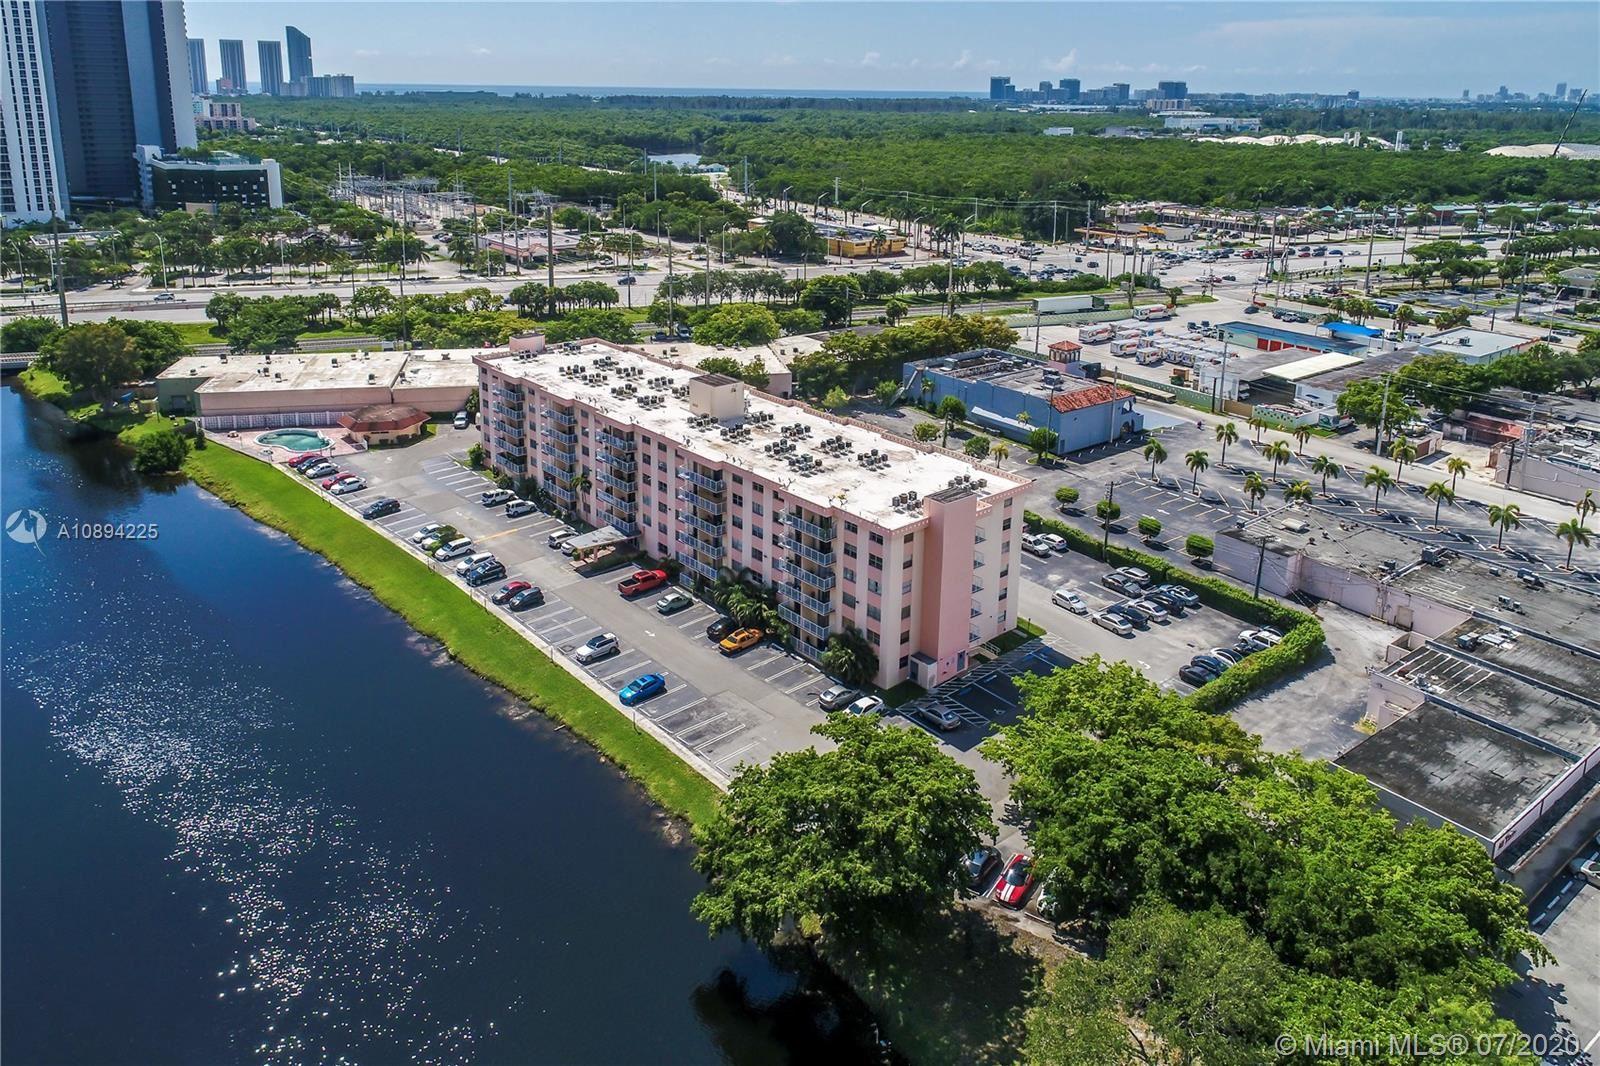 16465 NE 22nd Ave #515, North Miami Beach, FL 33160 - #: A10894225